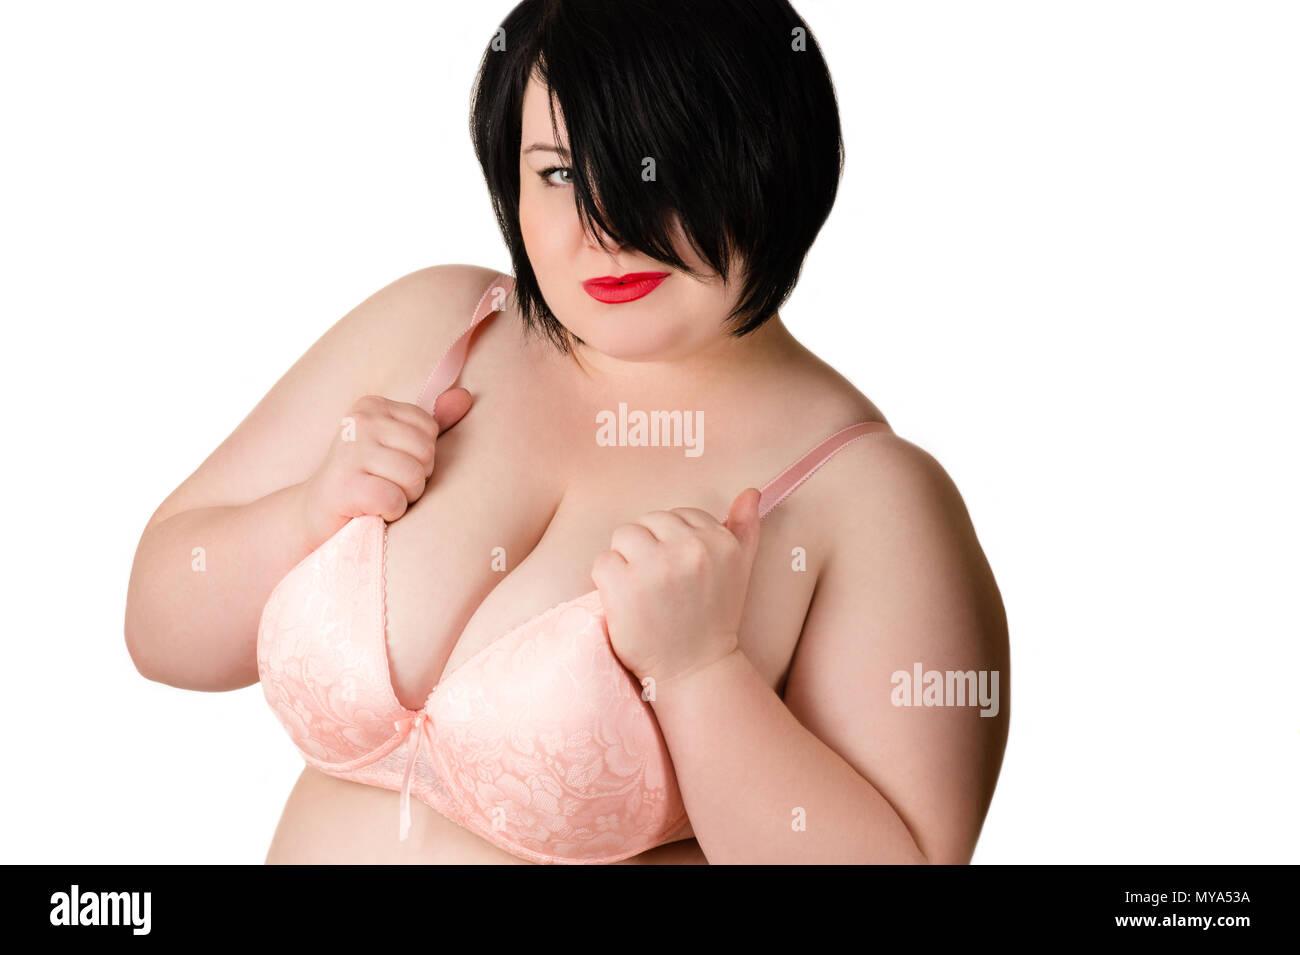 bilder von dicken brüsten